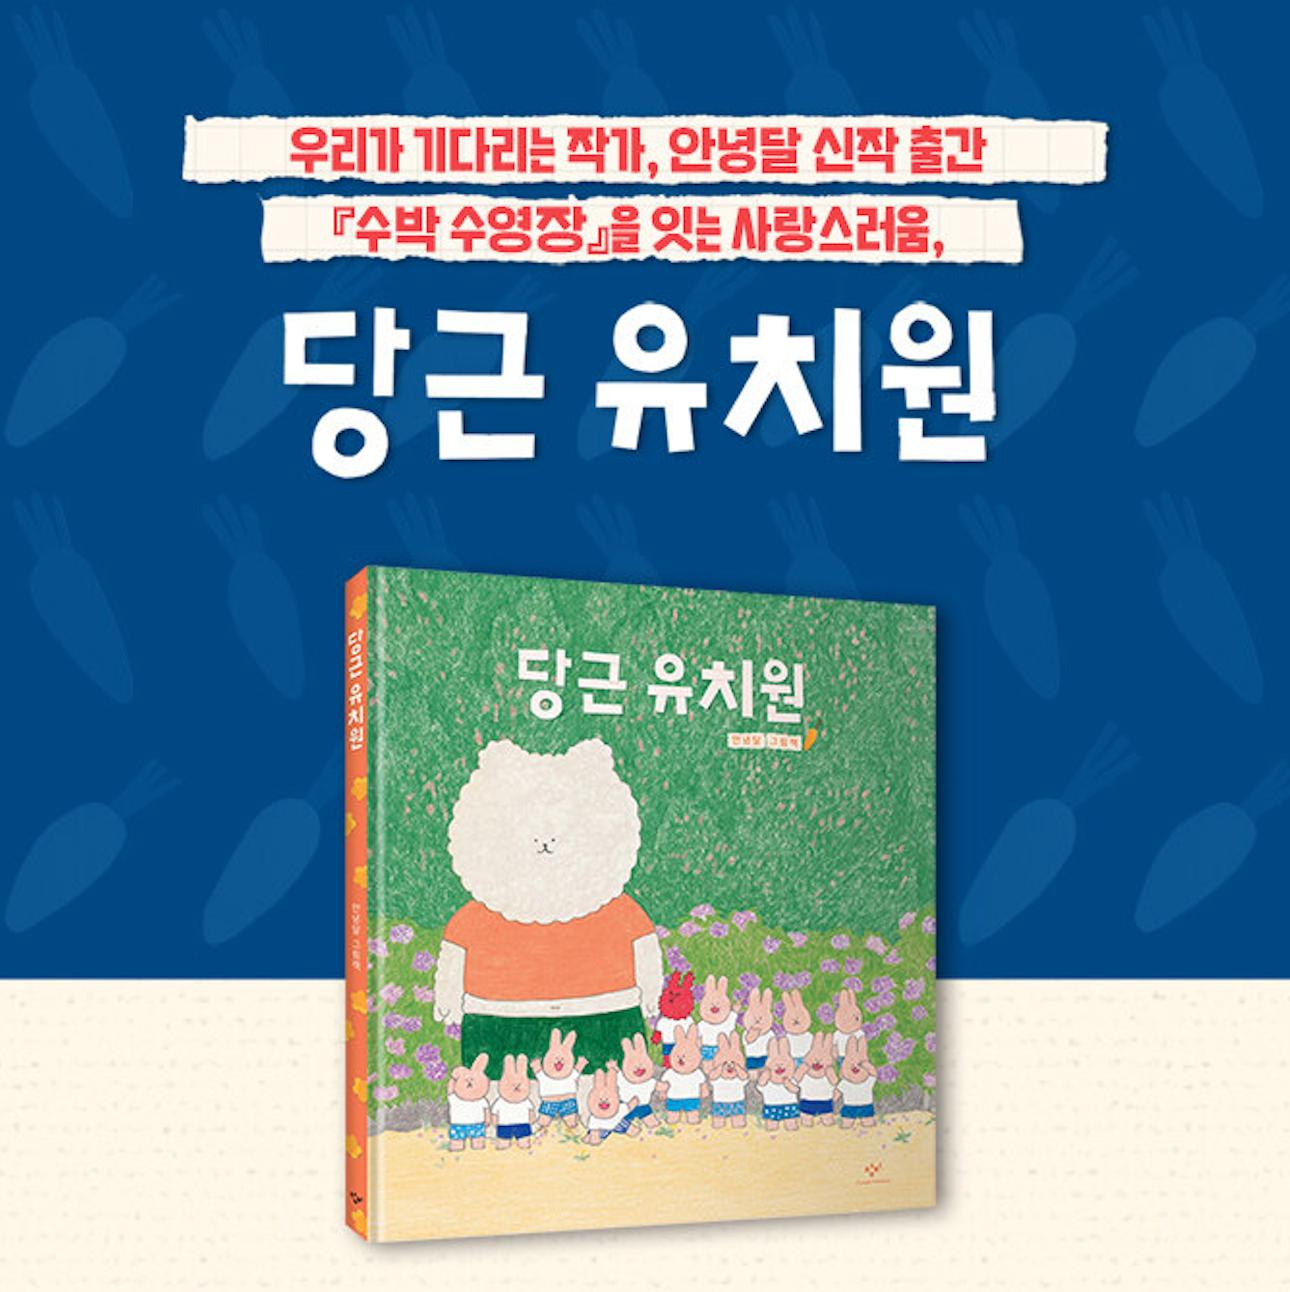 [안녕달 그림책] 당근 유치원